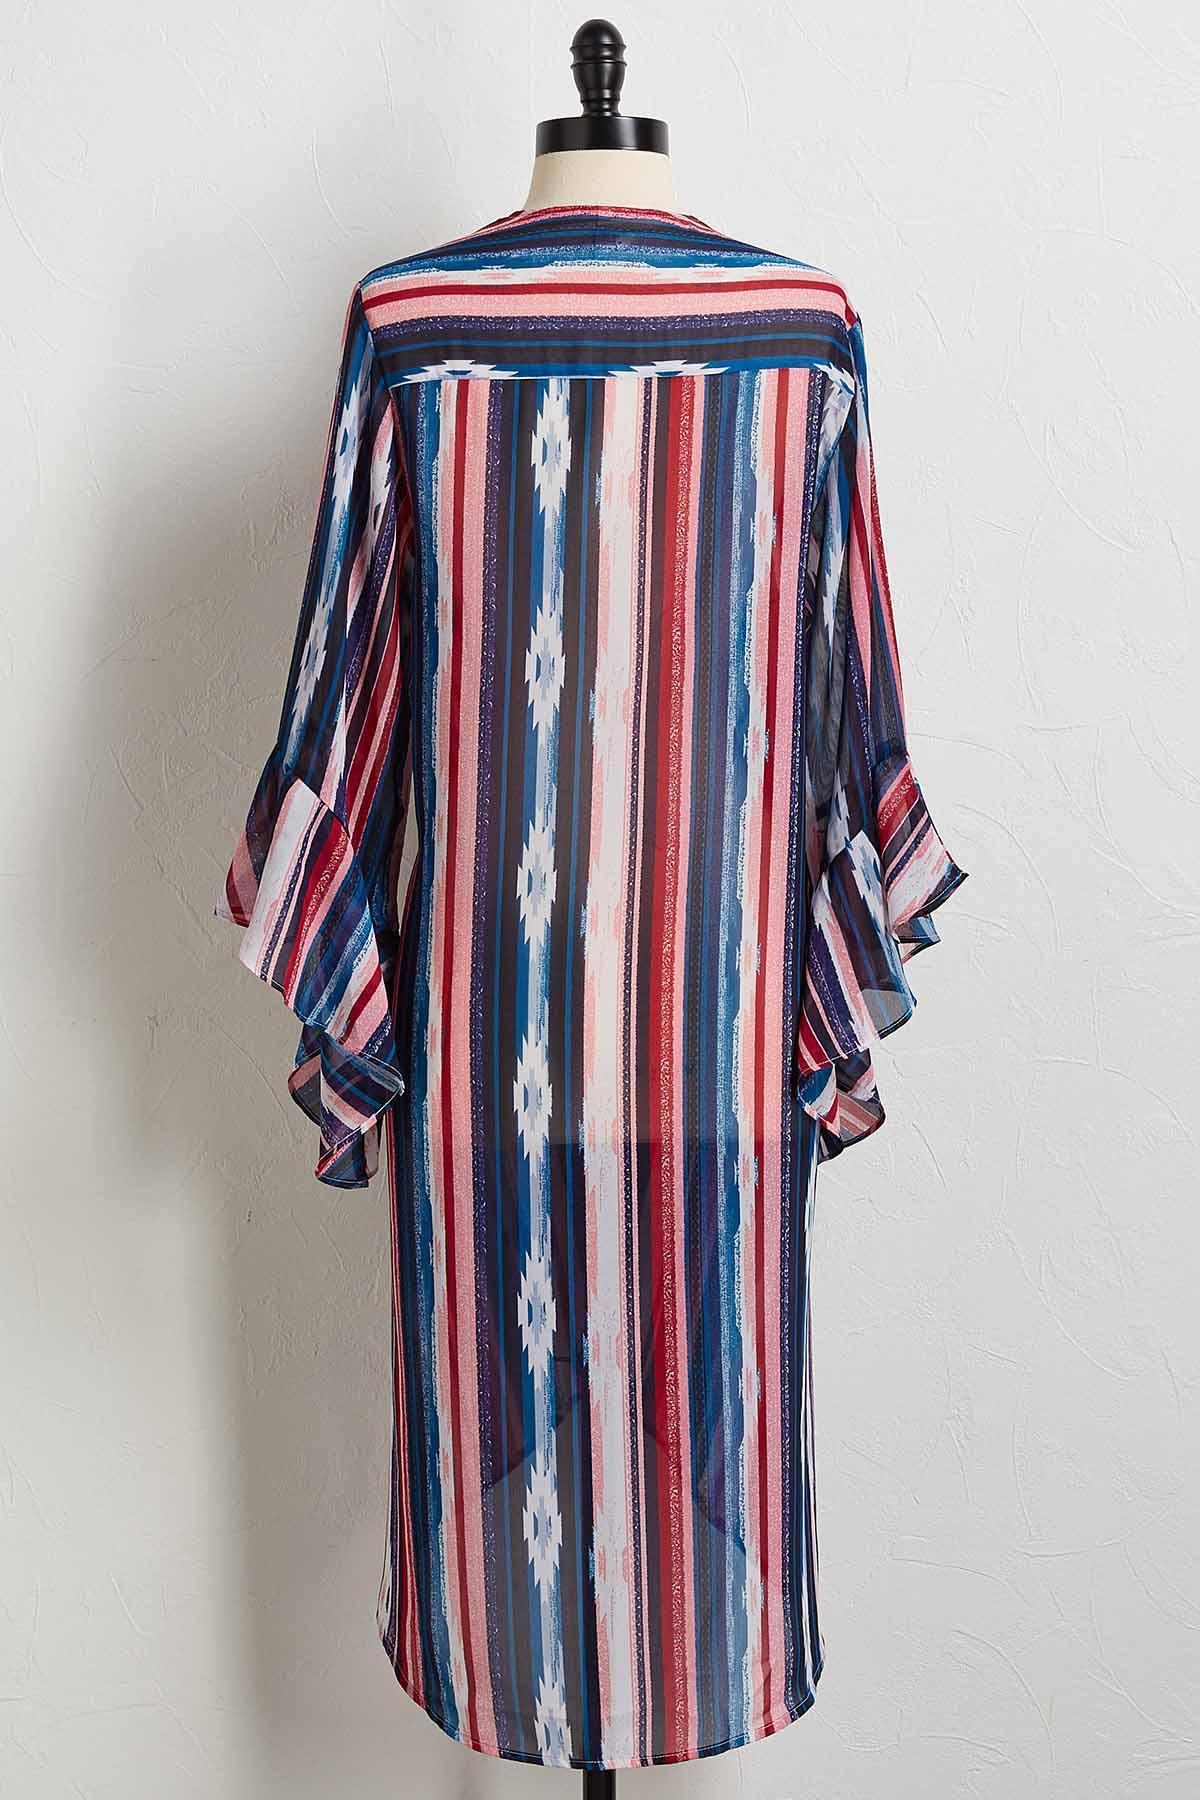 Can You Sheer Me Now Kimono